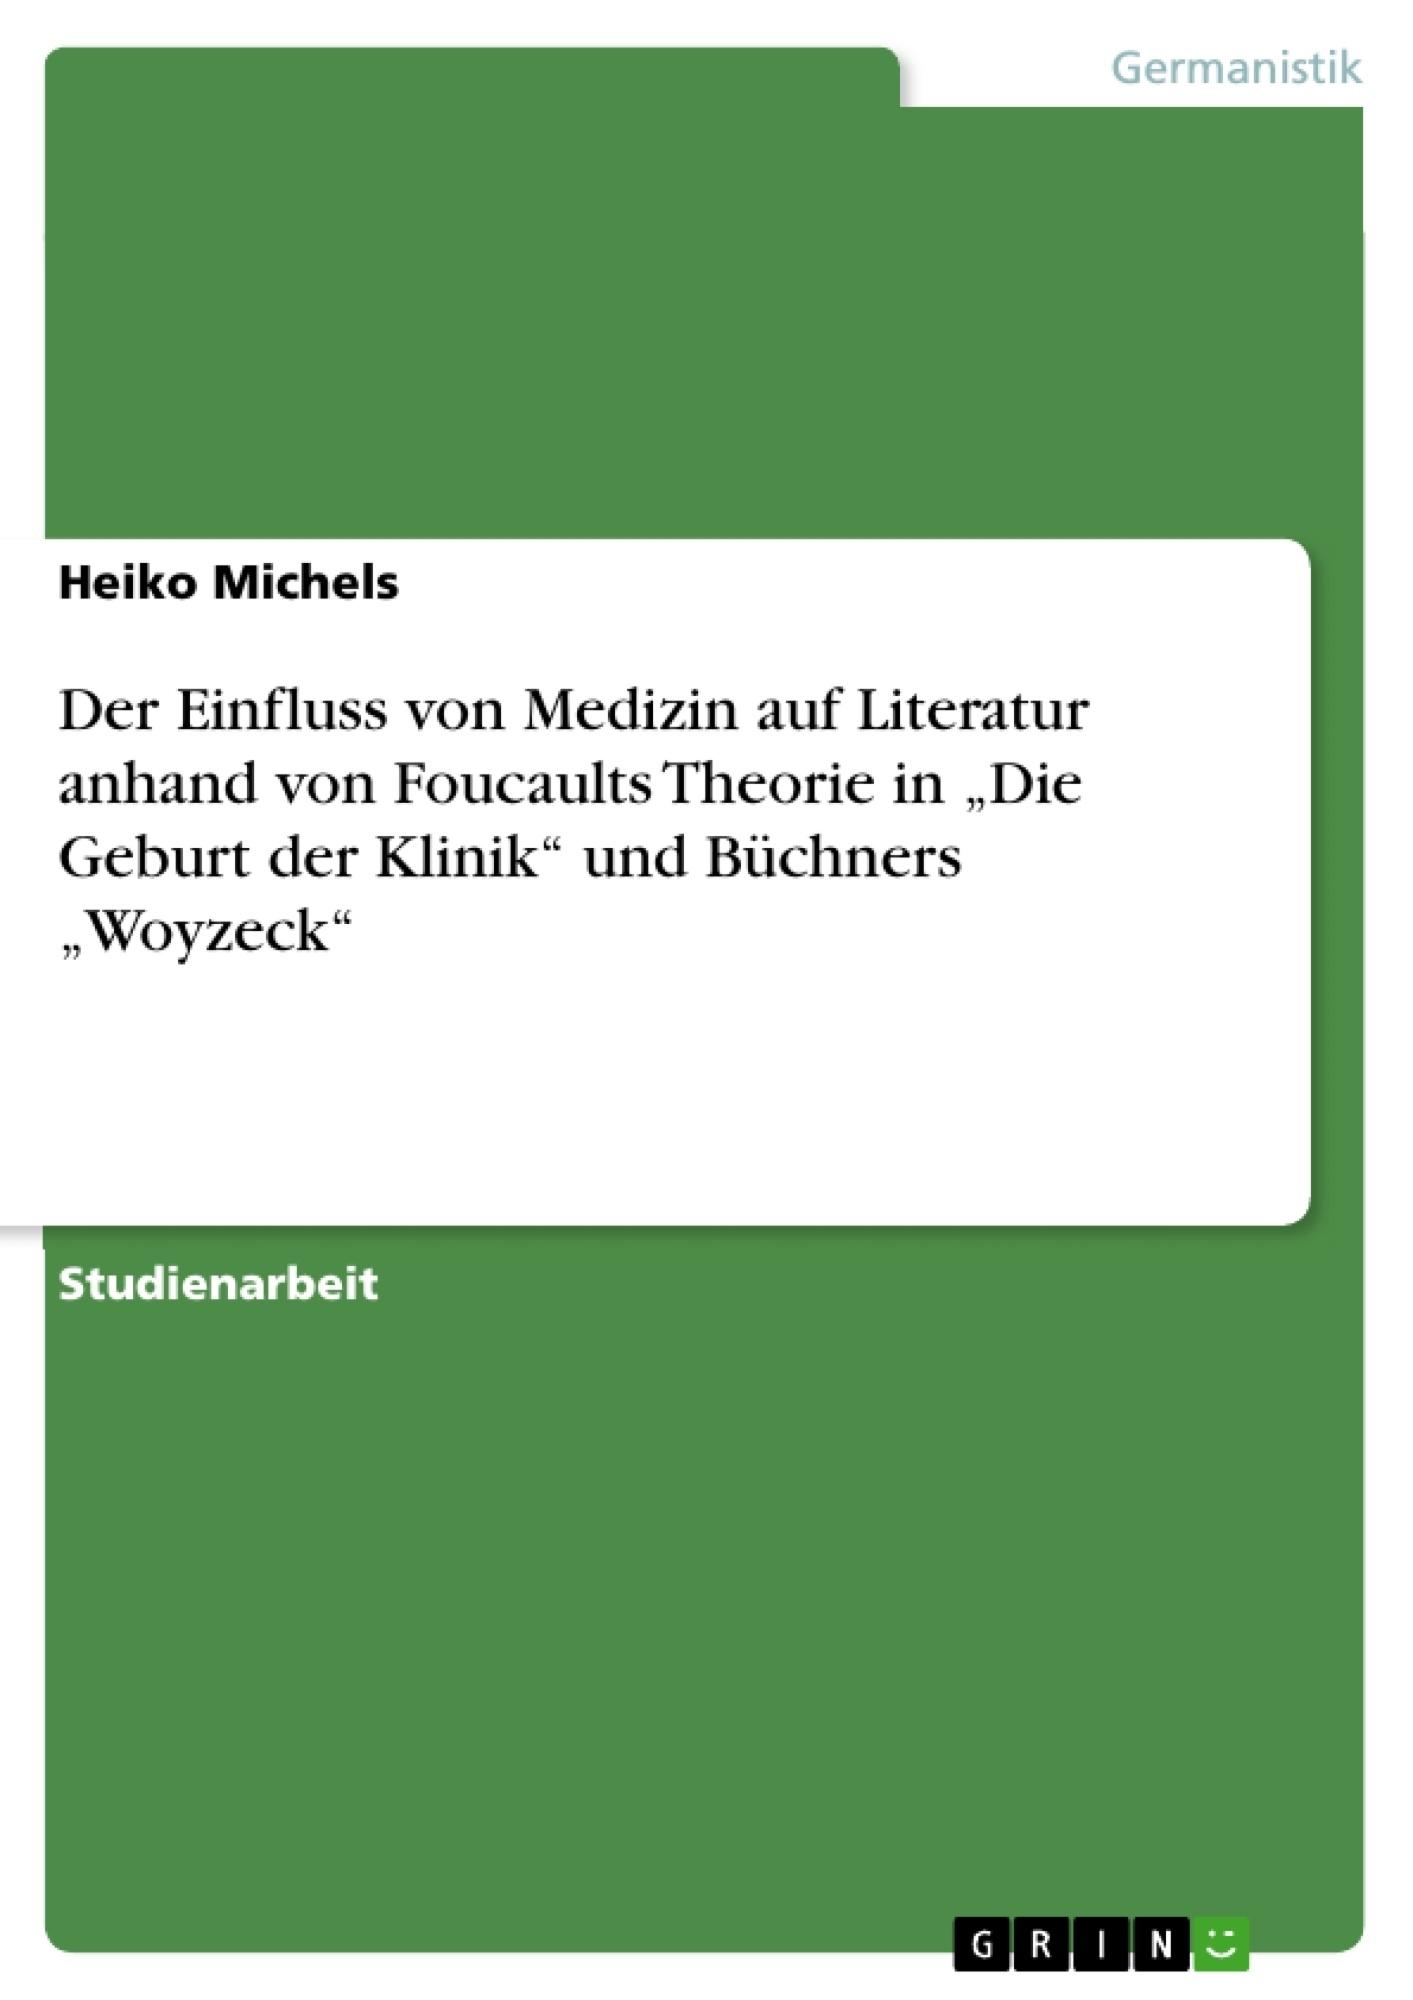 """Titel: Der Einfluss von Medizin auf Literatur anhand von Foucaults Theorie in """"Die Geburt der Klinik"""" und Büchners """"Woyzeck"""""""